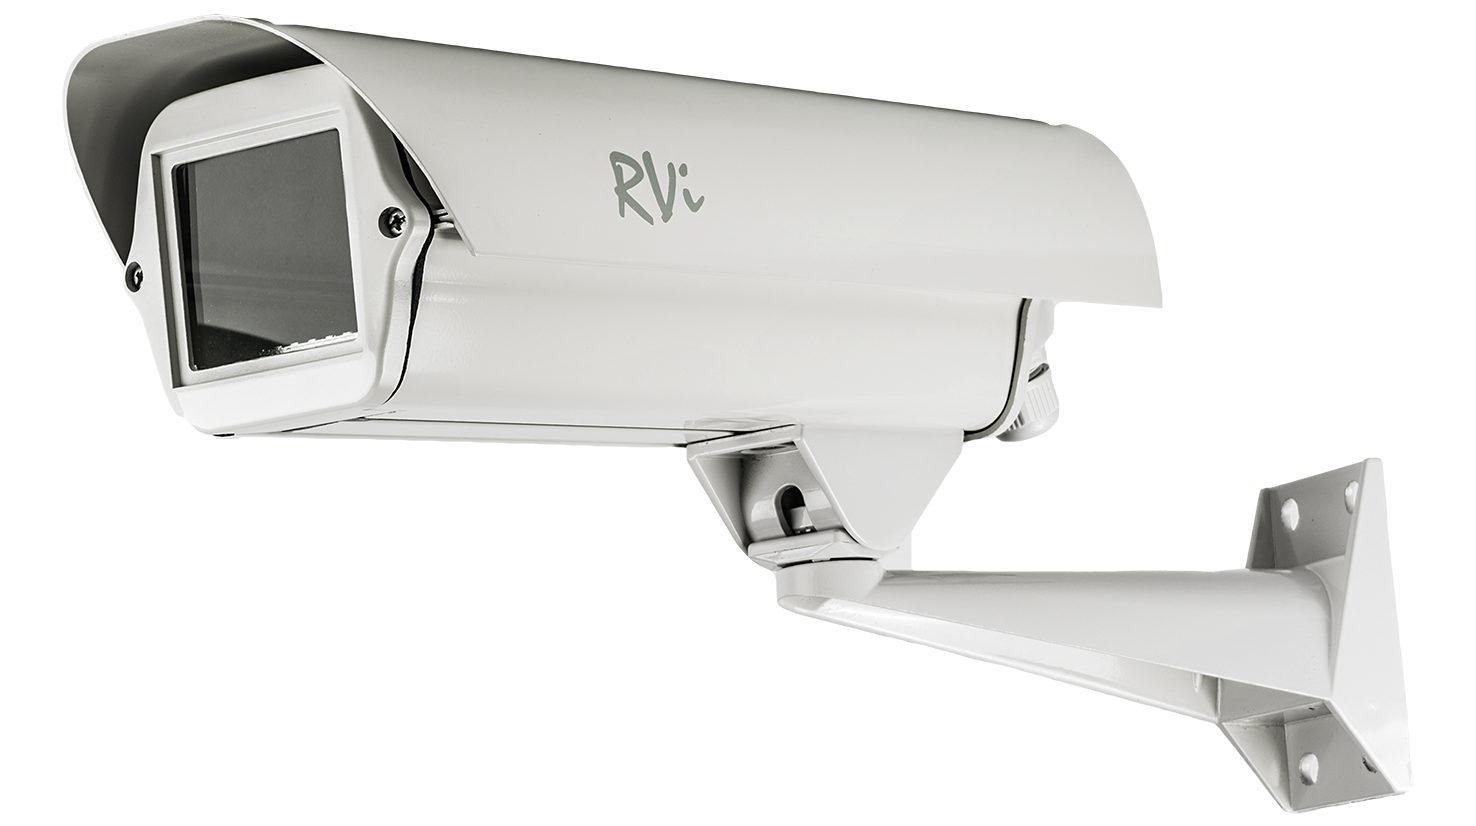 термокожухи для камер видеонаблюдения